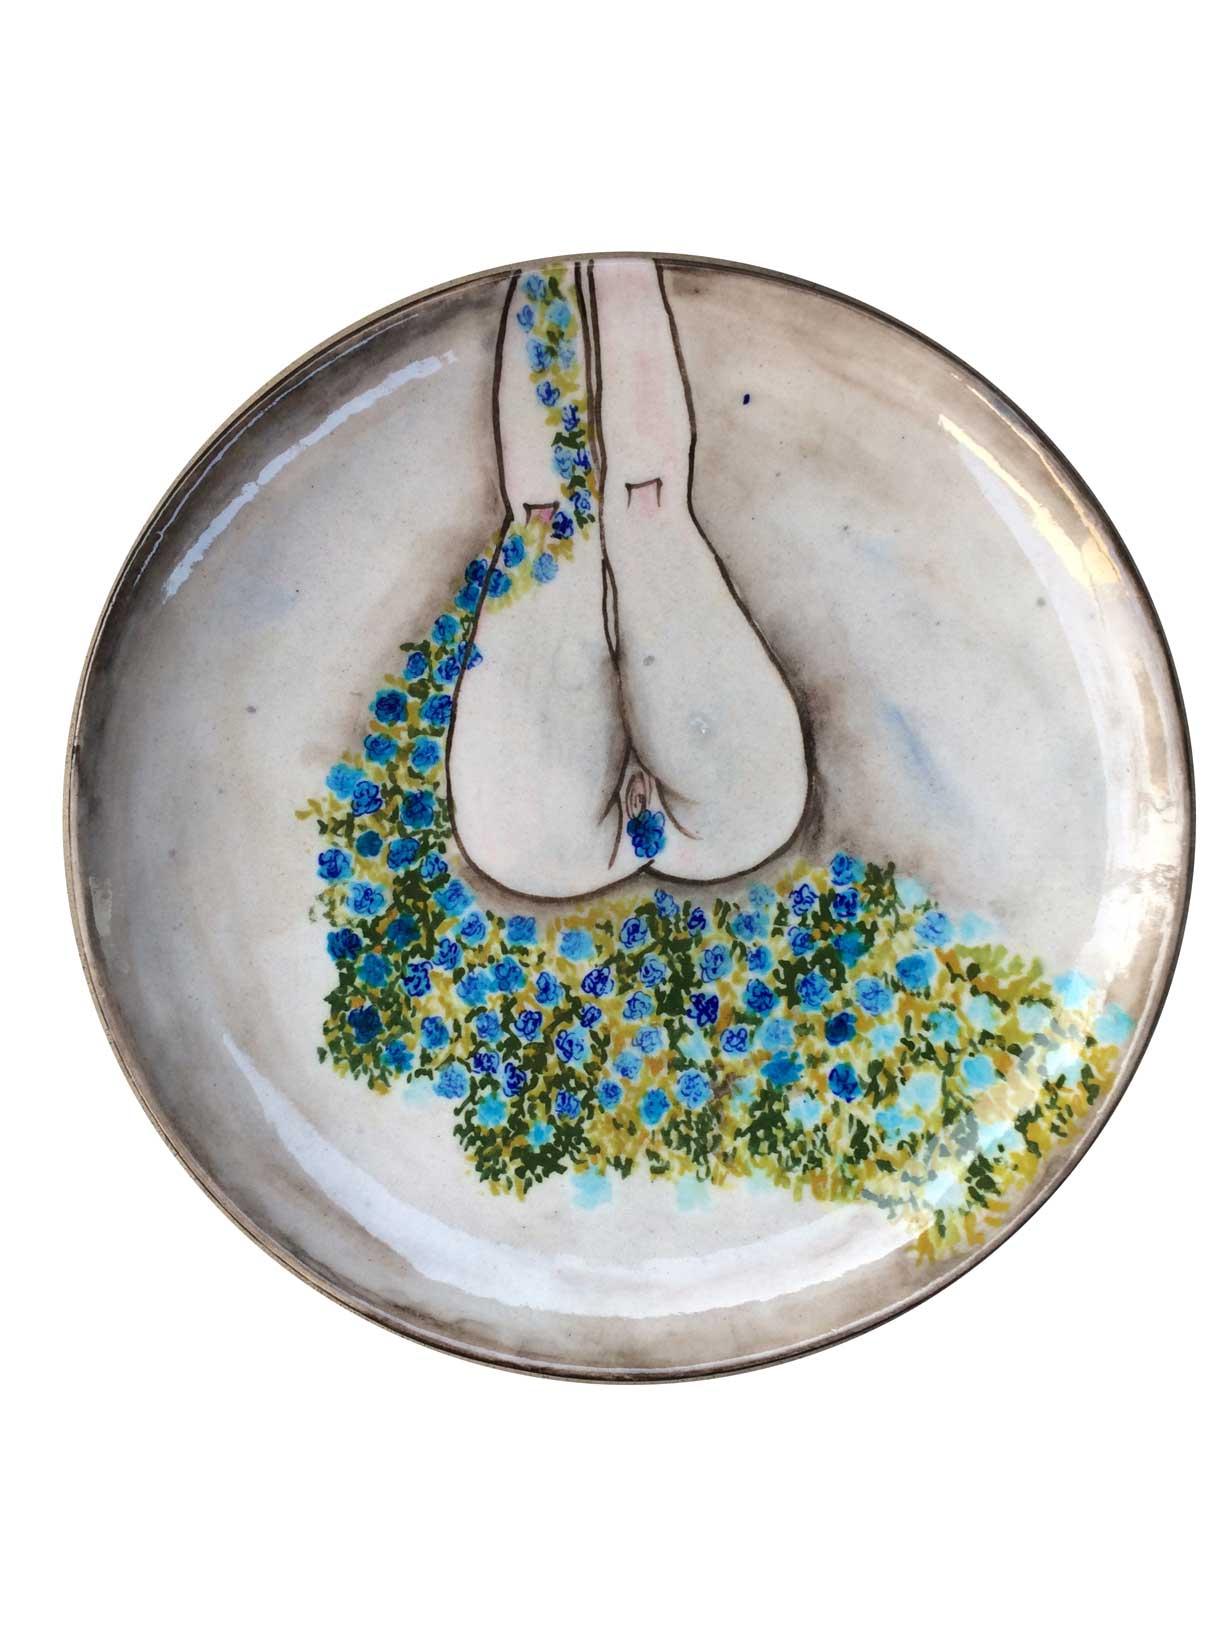 Chetna Arora. I Am Nature No. 1, 2016. Jaipur blue pottery coaster.